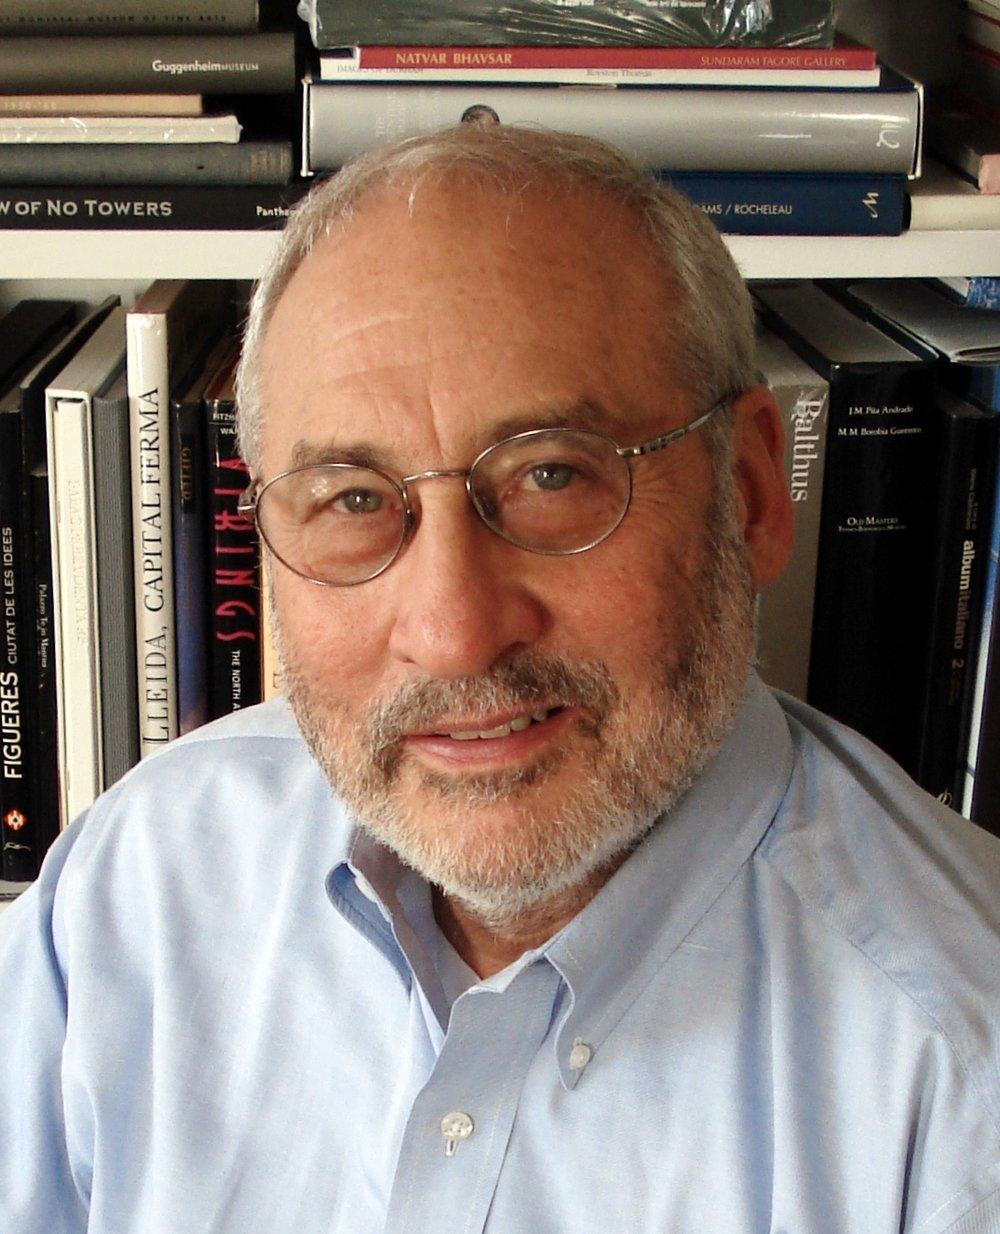 Joseph E. Stiglit